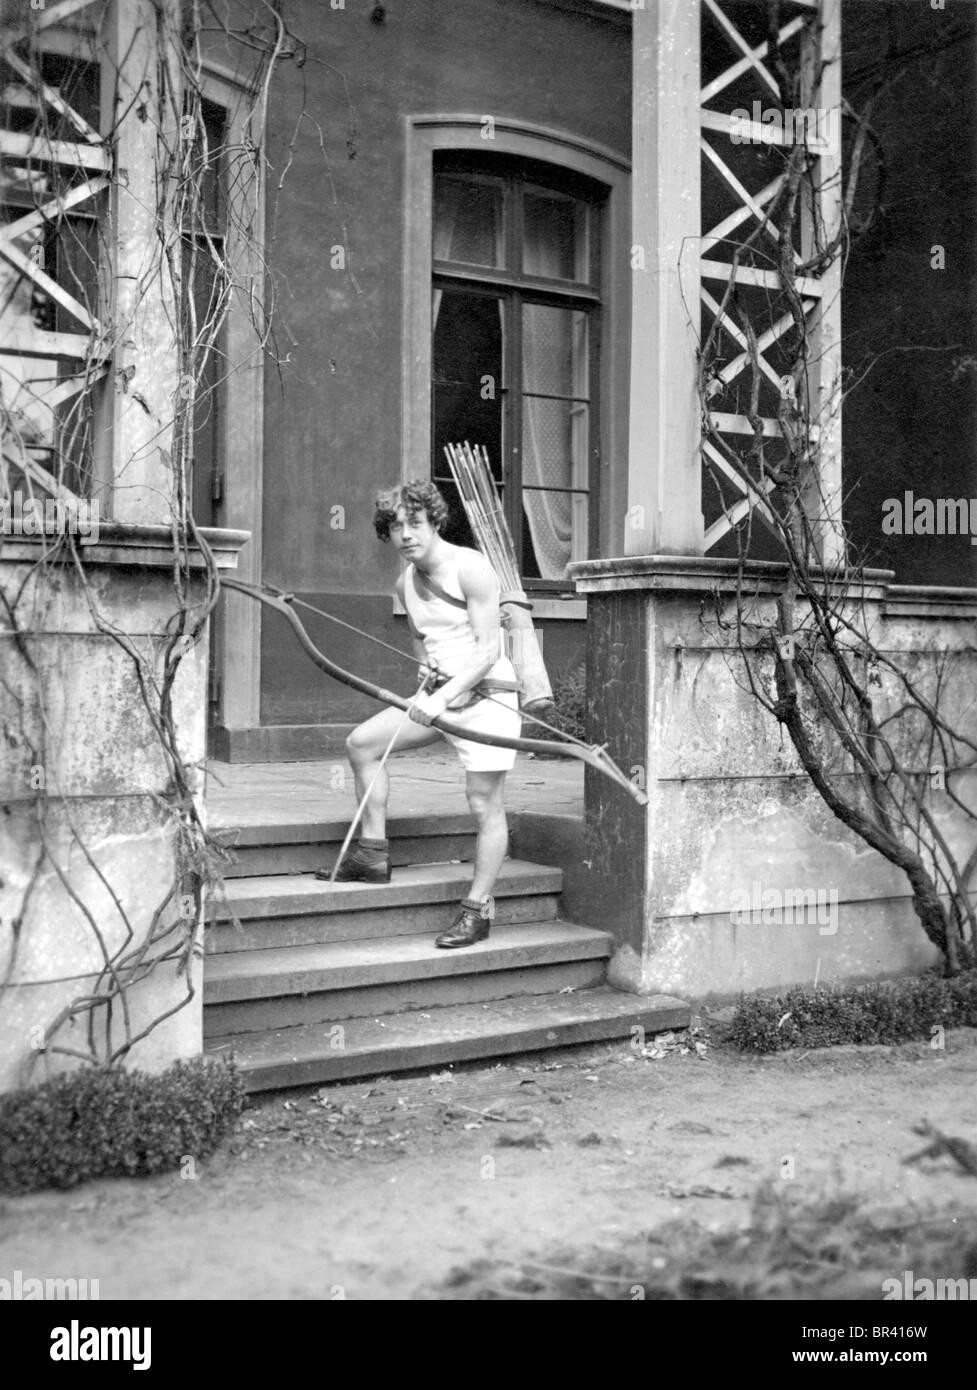 Historisches Bild, junge mit einem Bogen und Pfeil, ca. 1920 Stockbild